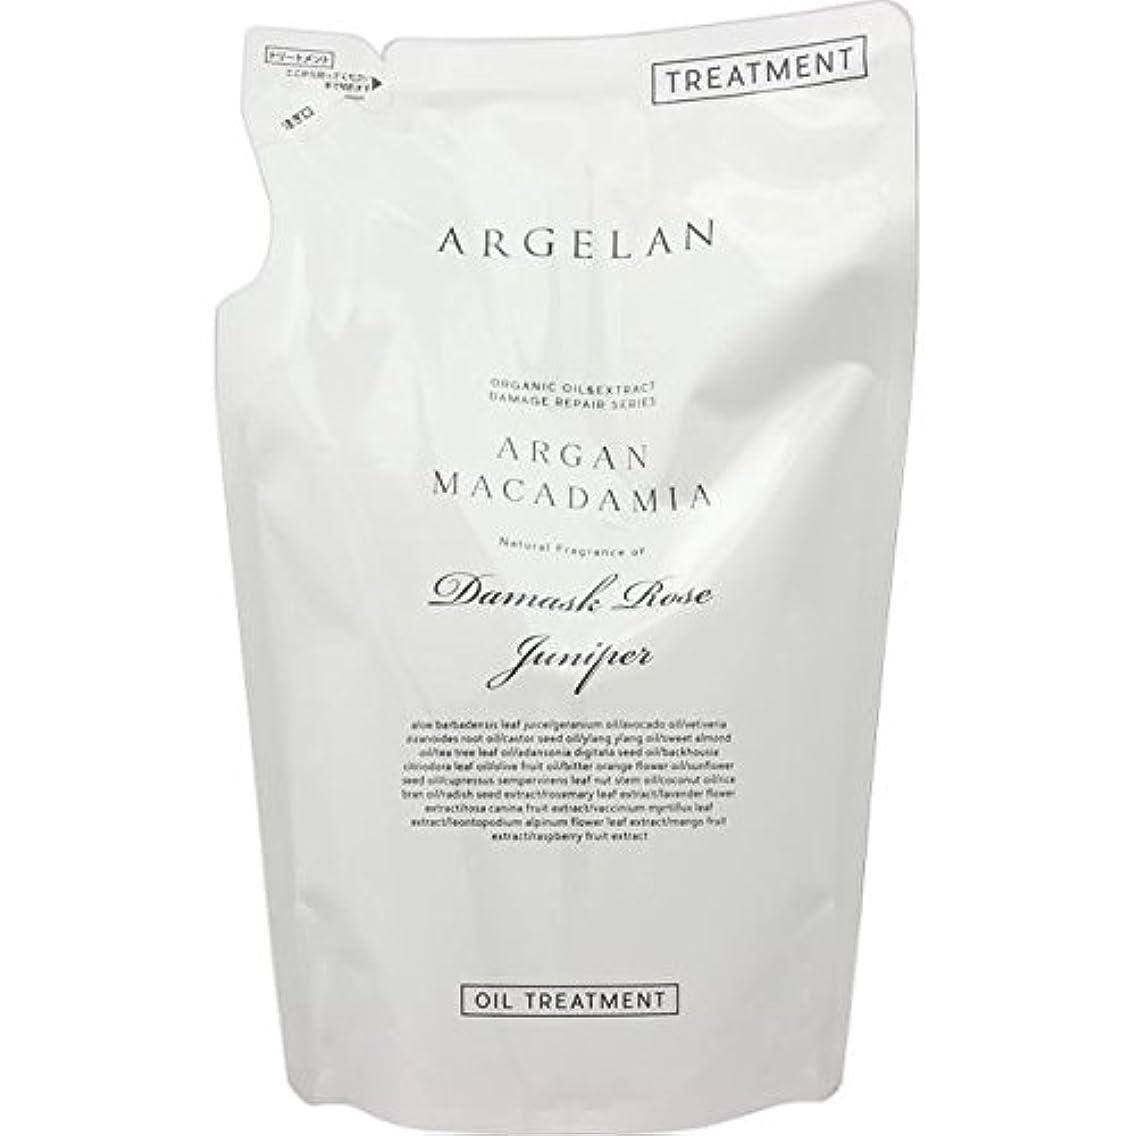 ステートメント思想出席アルジェラン オーガニック 手搾りアルガン オイル トリートメント 詰替え用 400ml詰替